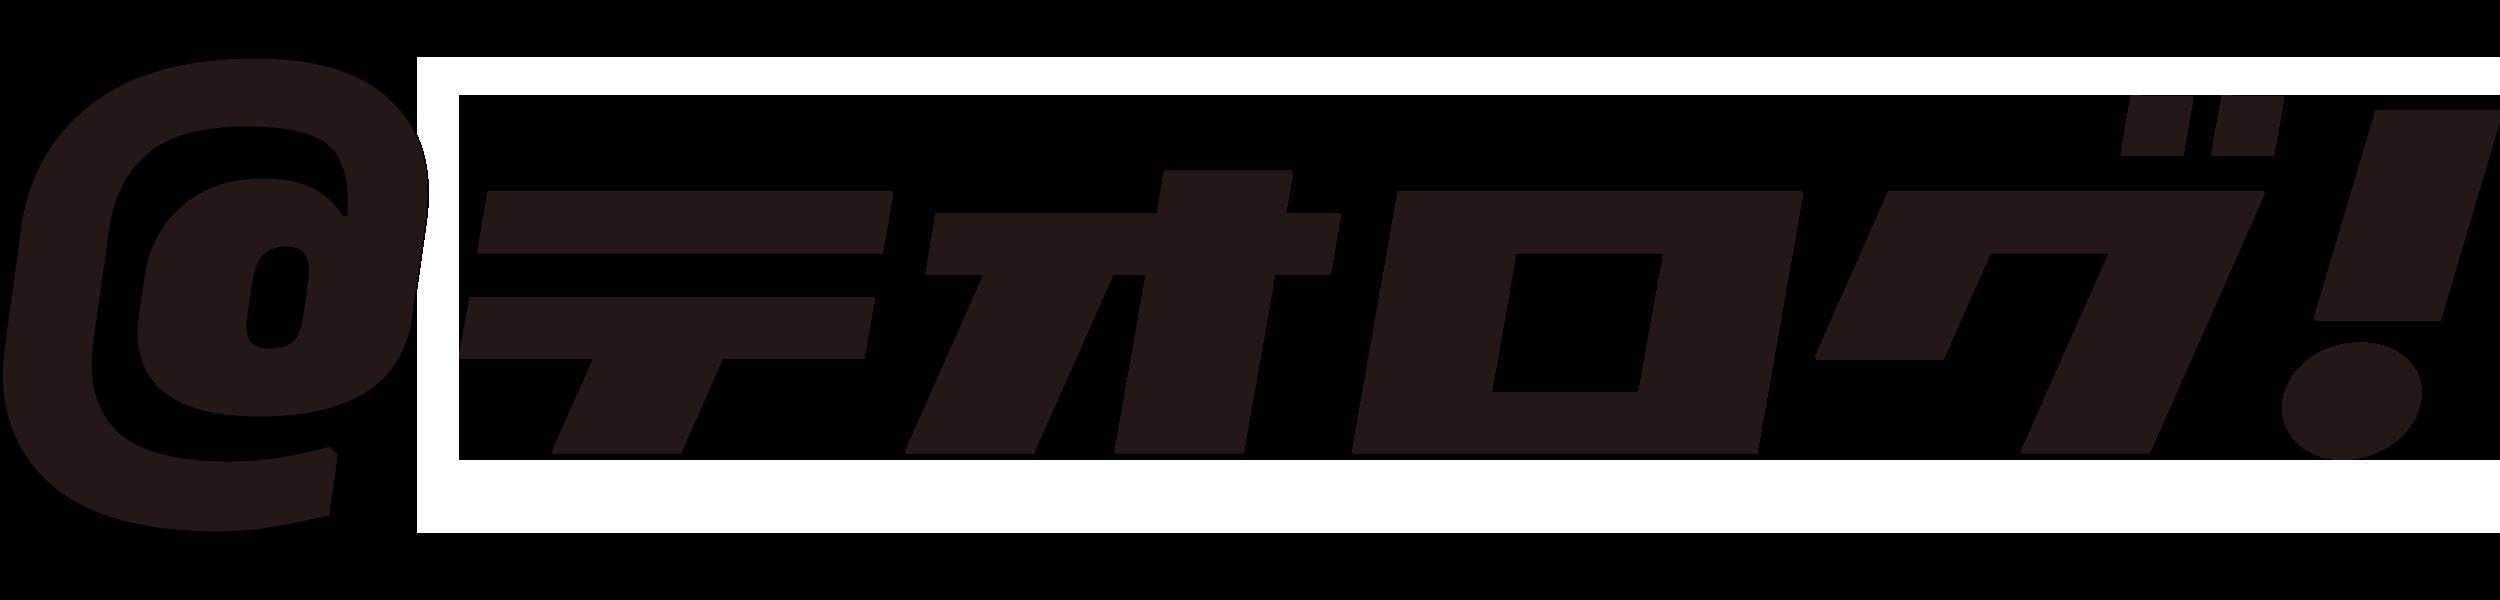 テオログ!-テオリアハウスクリニック公式スタッフブログ-